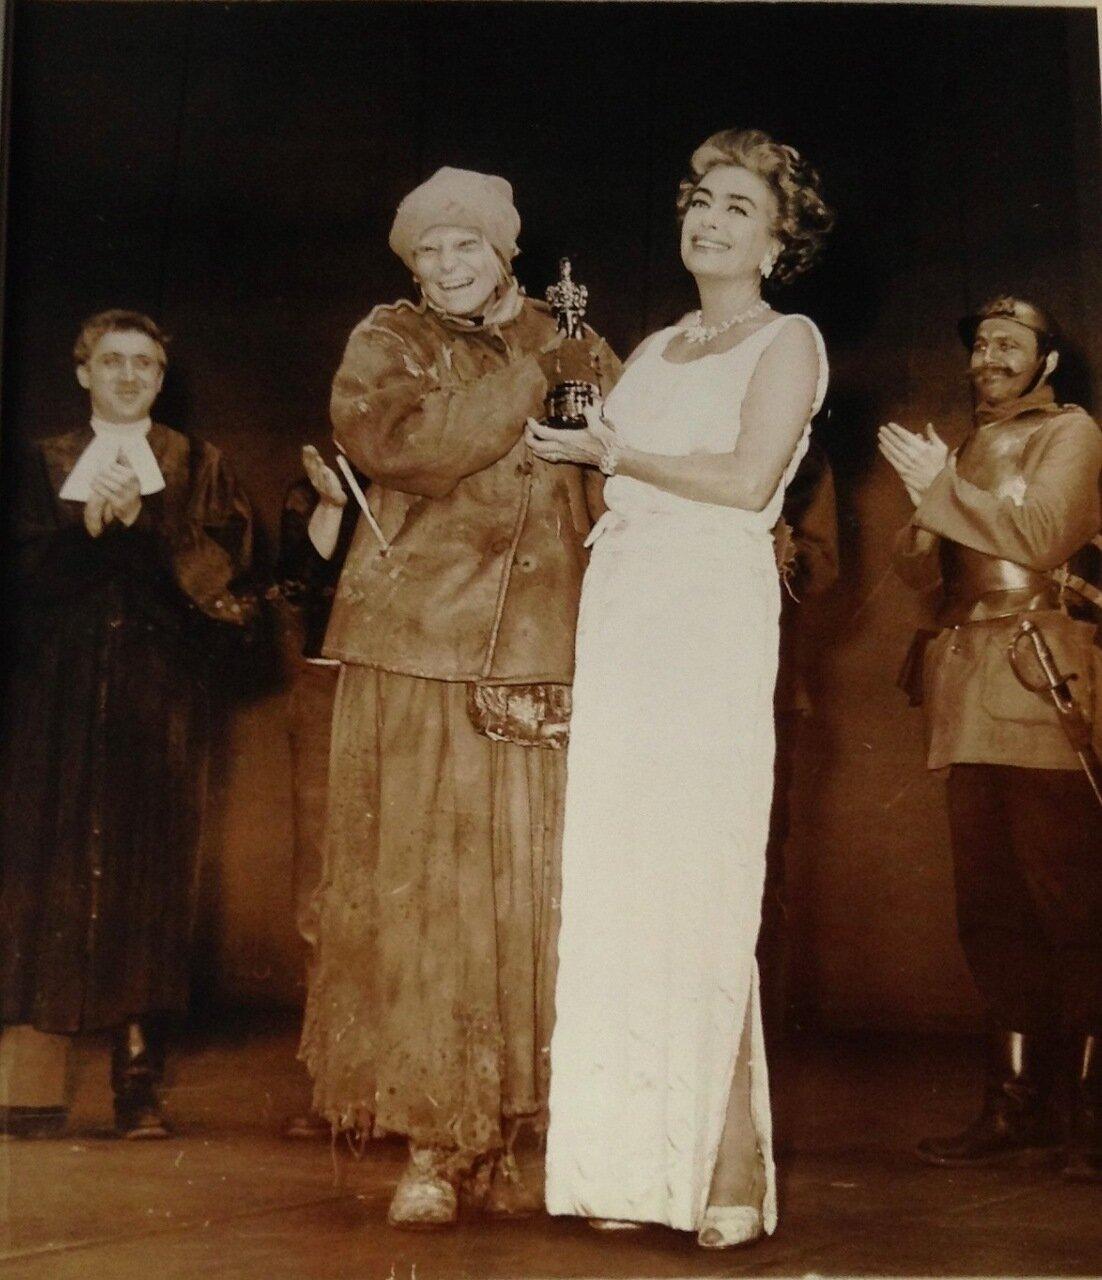 1962. Энн Бэнкрофт получает от Джоан Кроуфорд премию Оскар за лучшую женскую роль